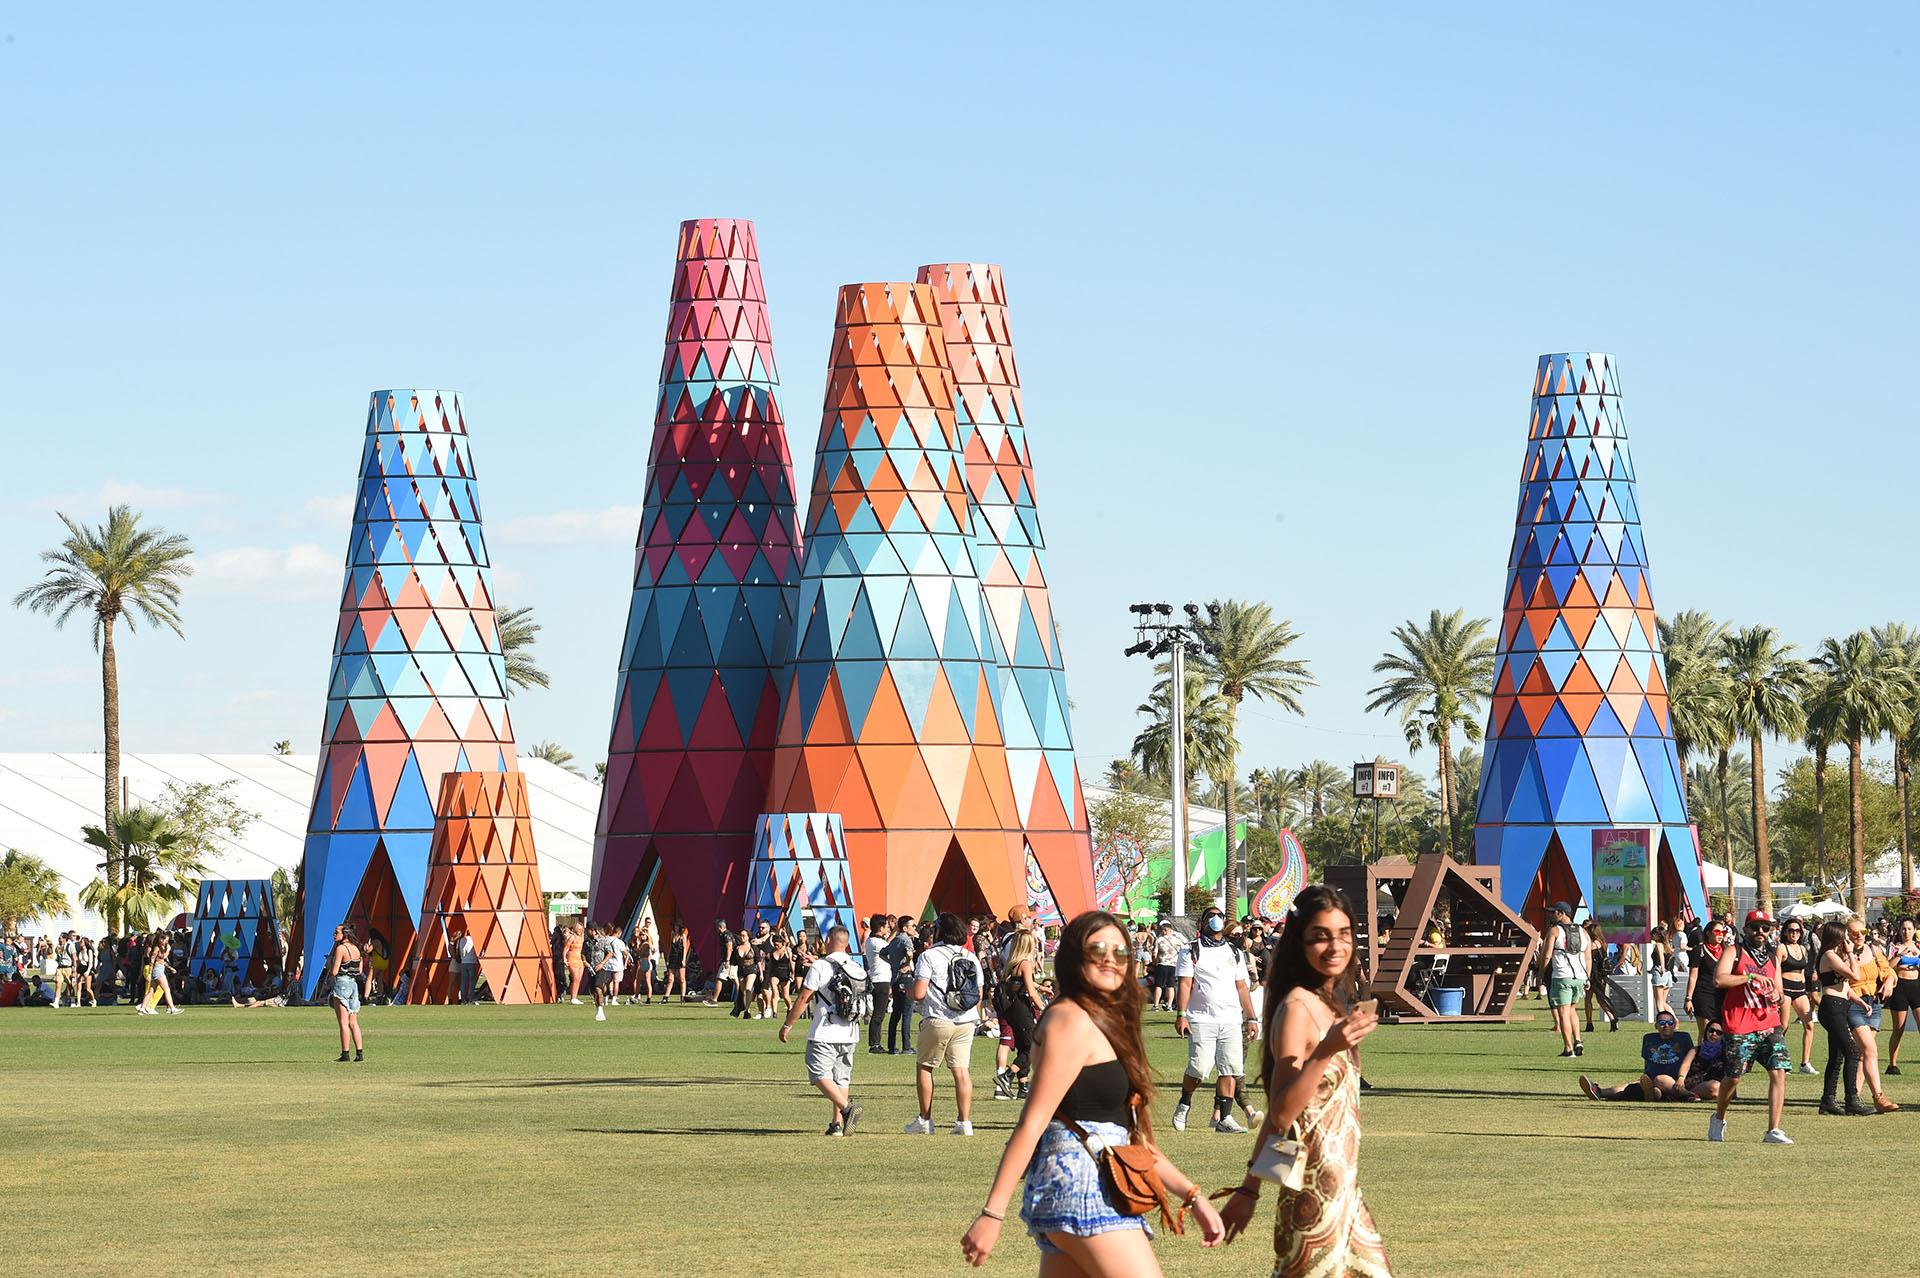 En Indio, California se monta el festival Coachella, el considerado más hippie chic del mundo, donde las tendencias se reúnen en un solo lugar